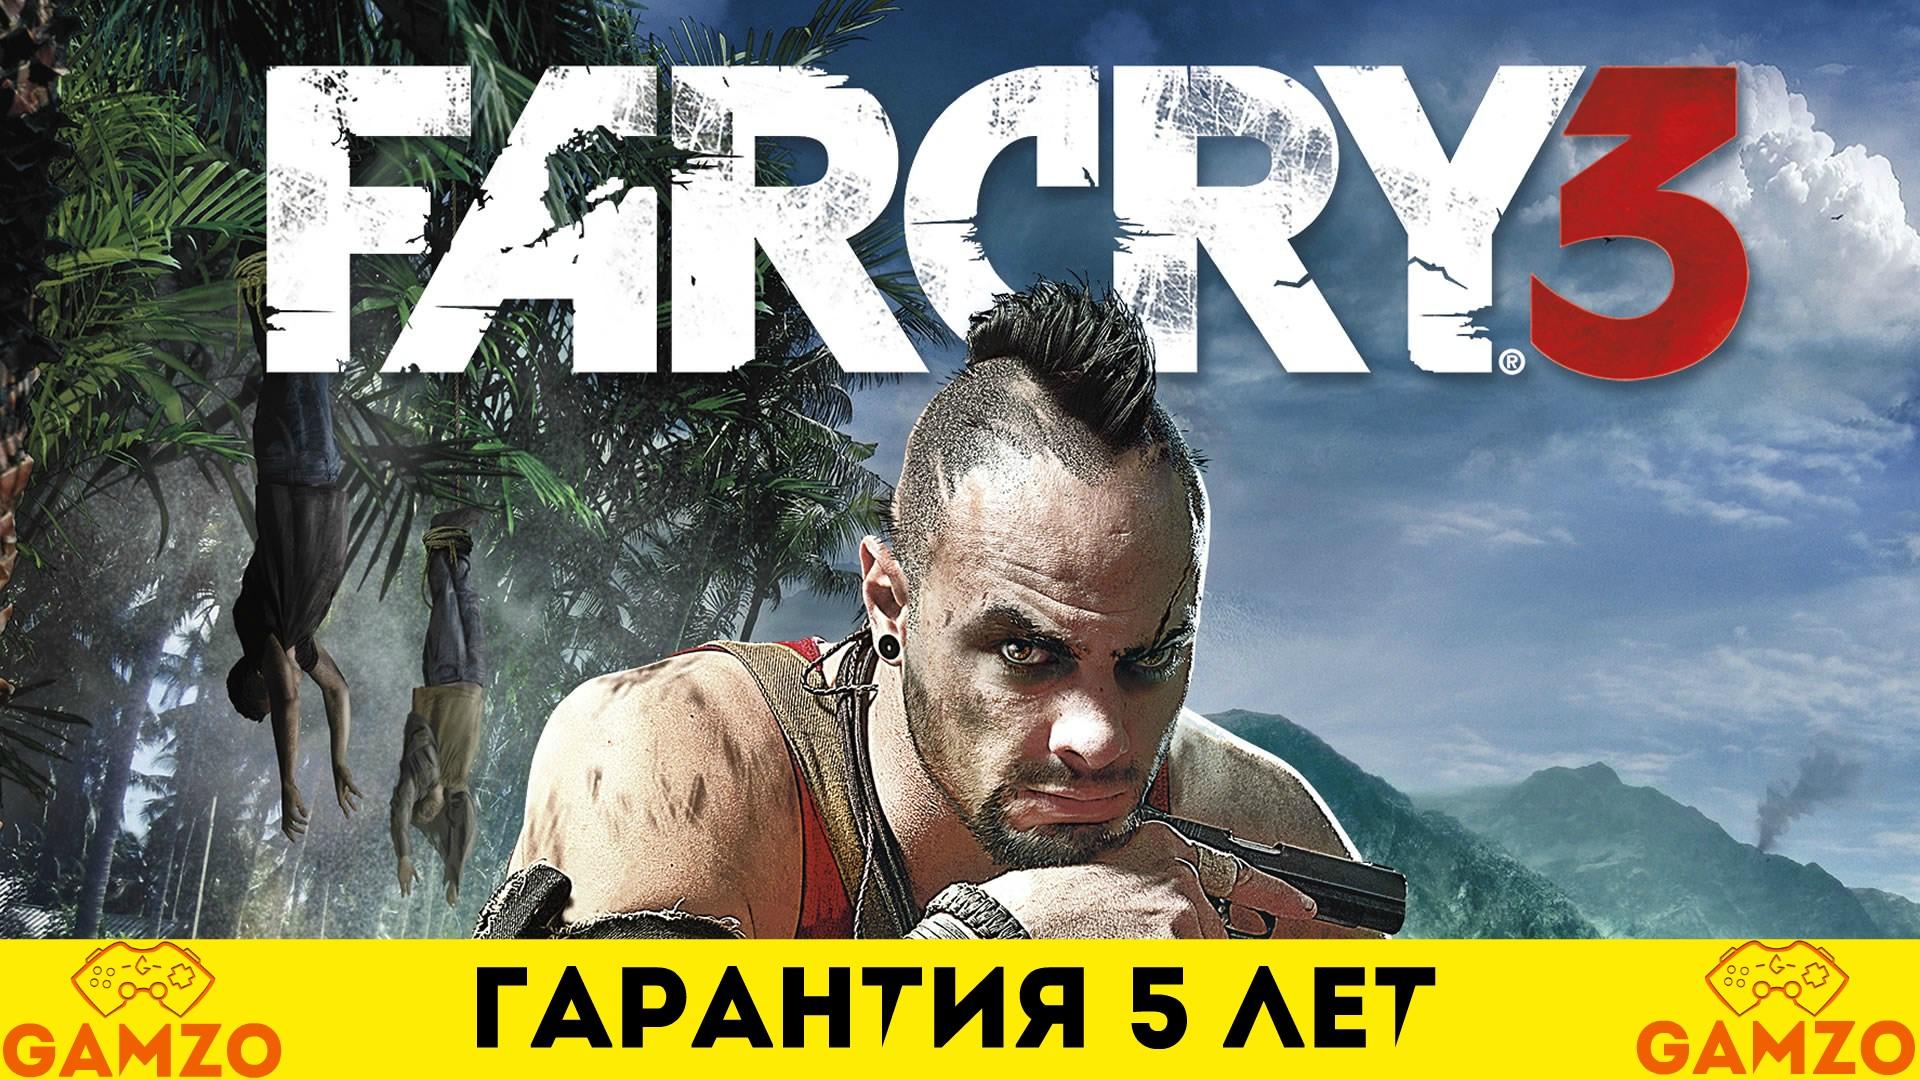 Far Cry 3 [Гарантия 5 лет] + Подарок